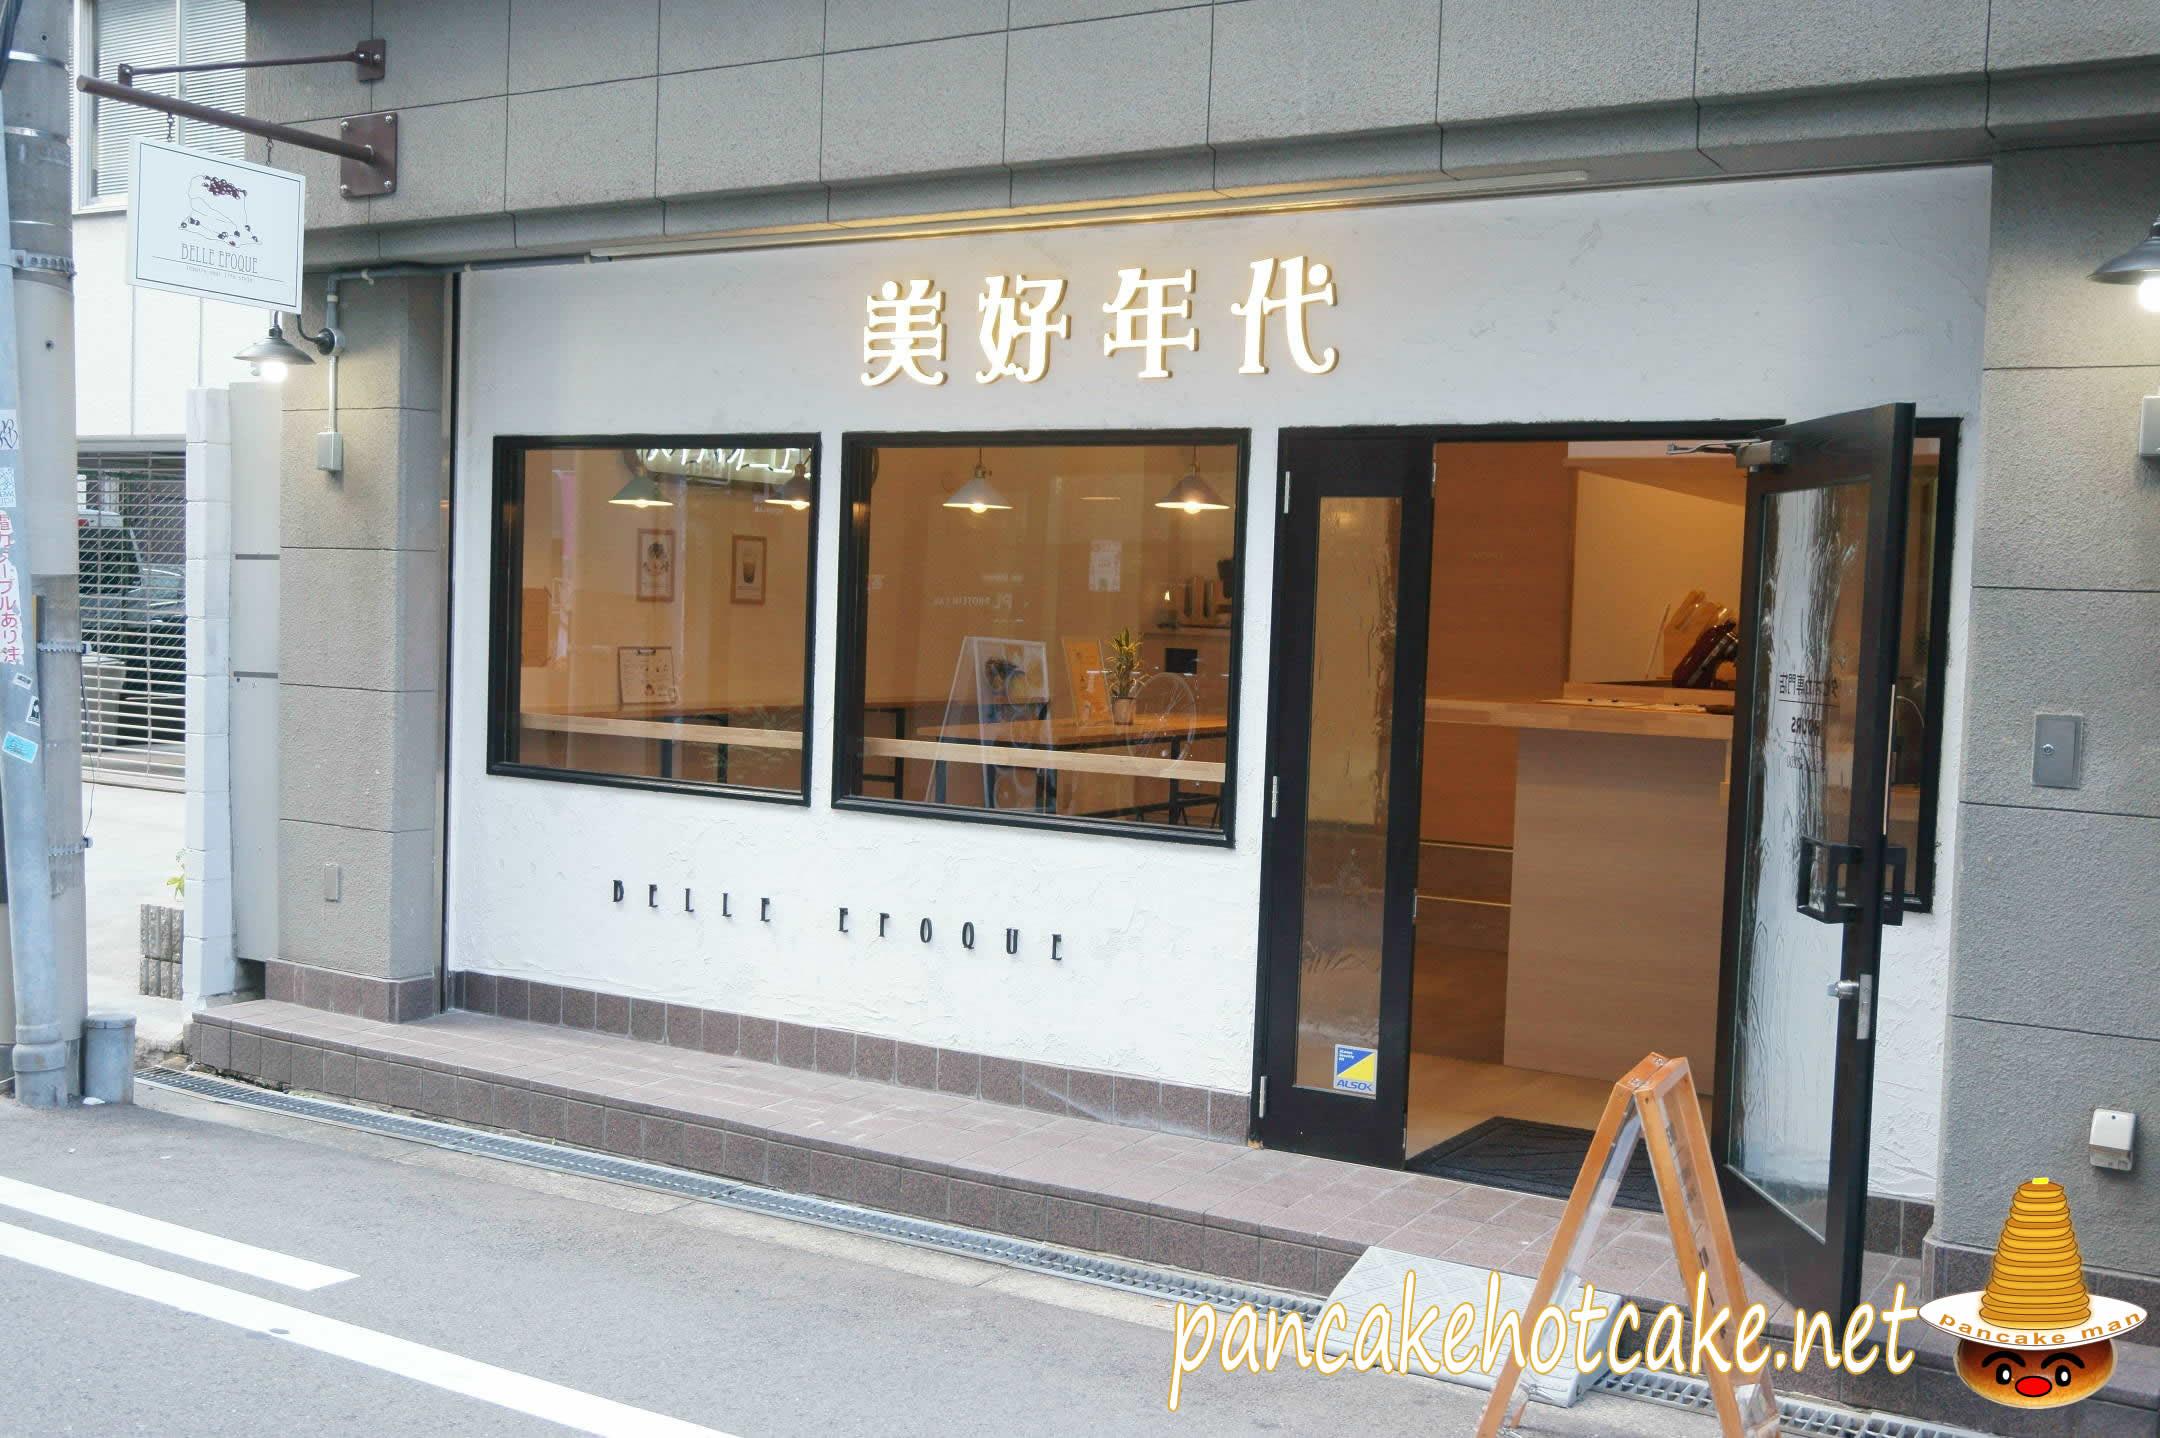 美好年代 大阪店(Belle Epoque Osaka)北堀江